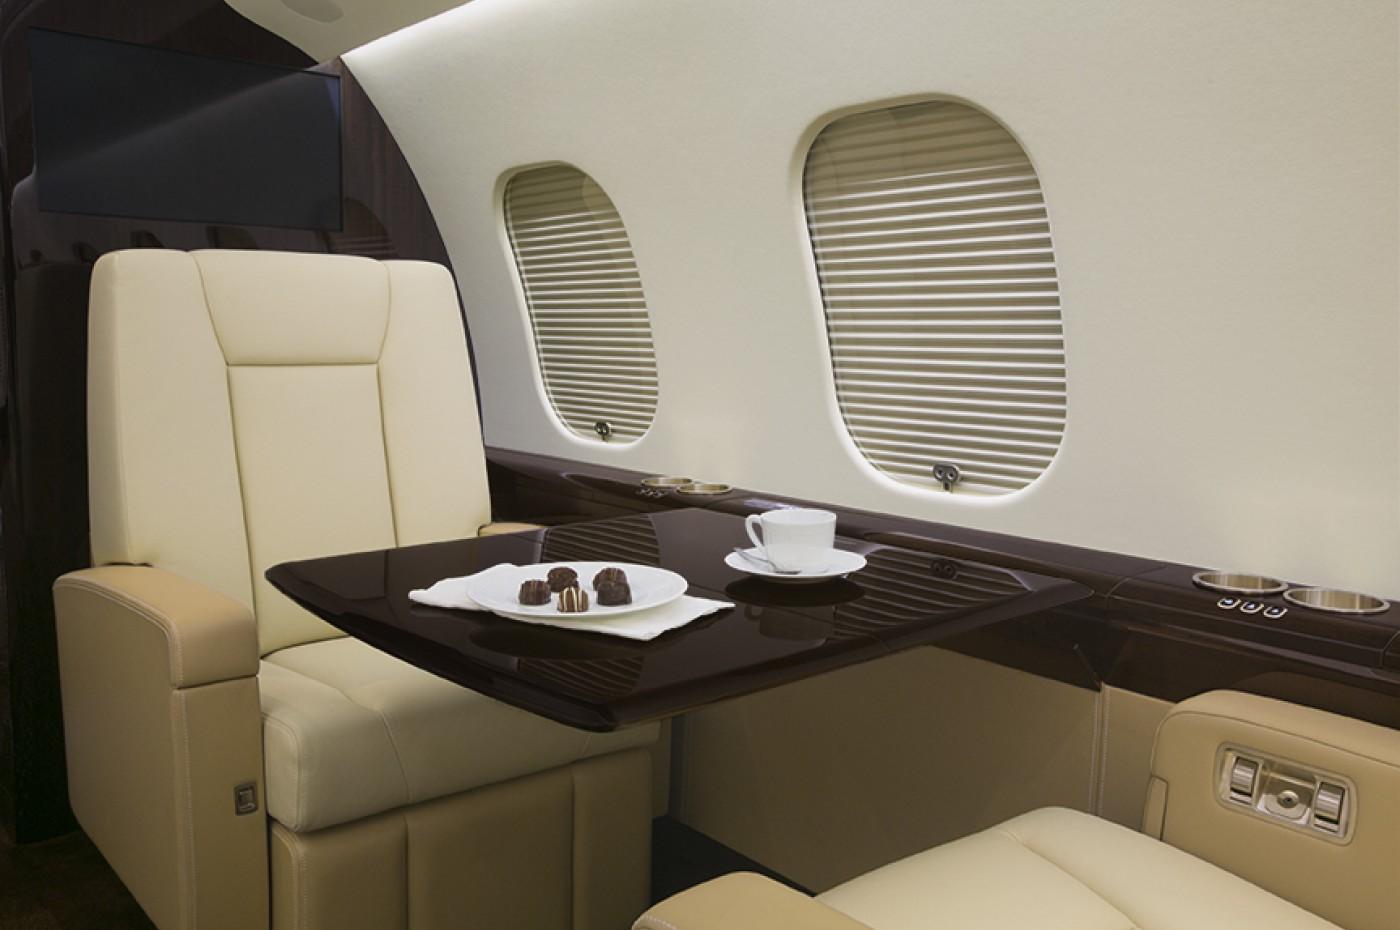 Global 6000 Executive Seat